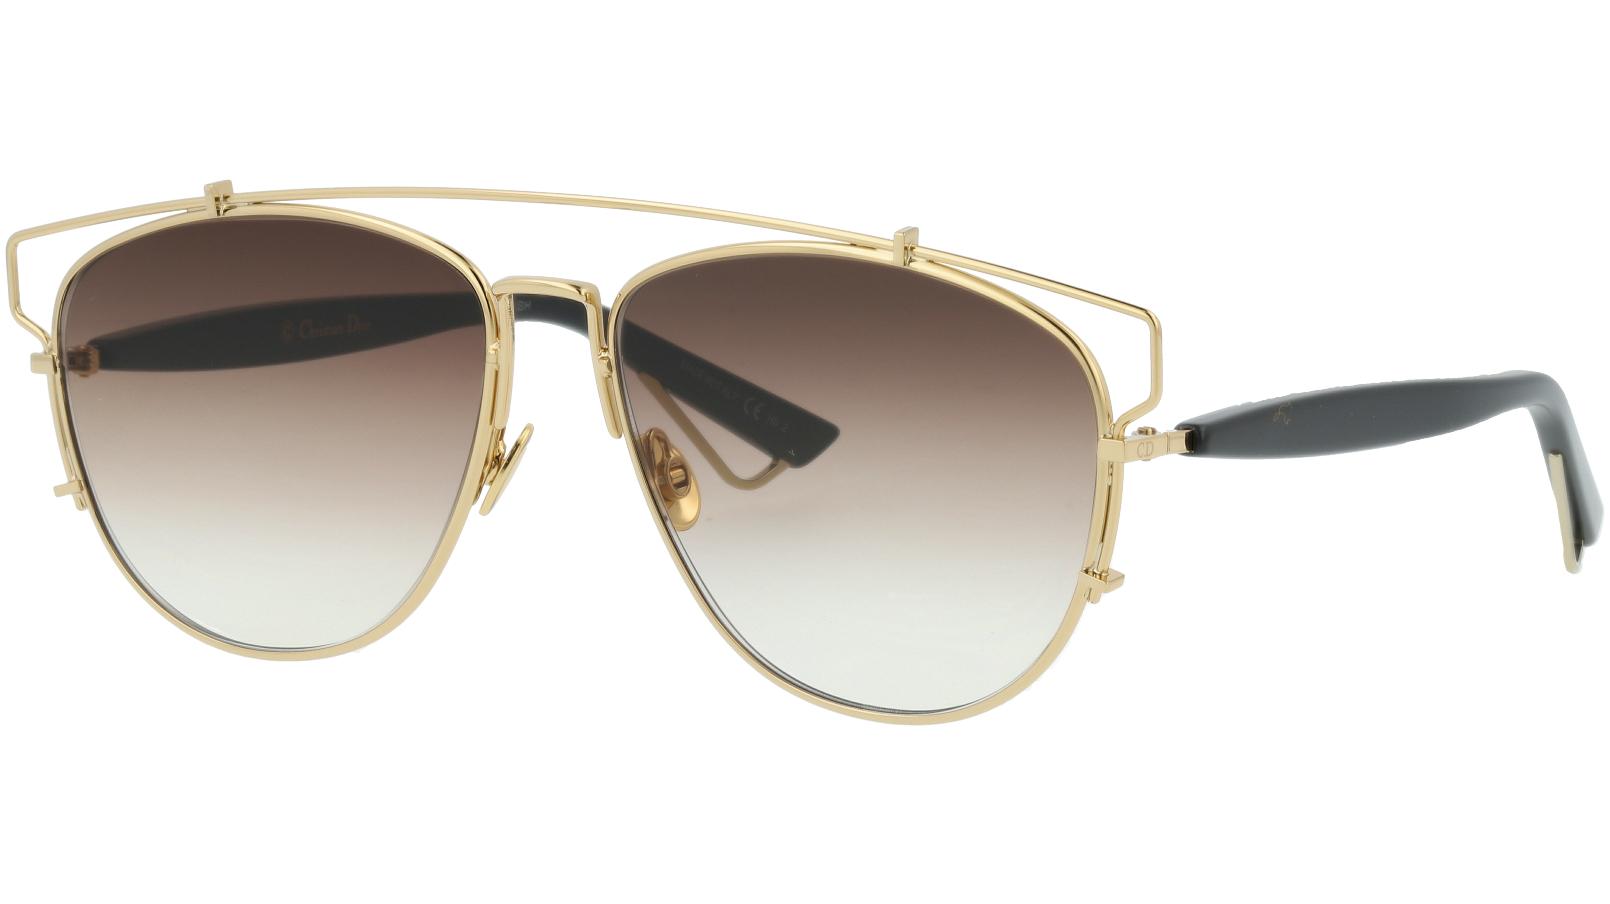 DIOR DIORTECHNOLOGIC 84J0T 57 PALLAD Sunglasses